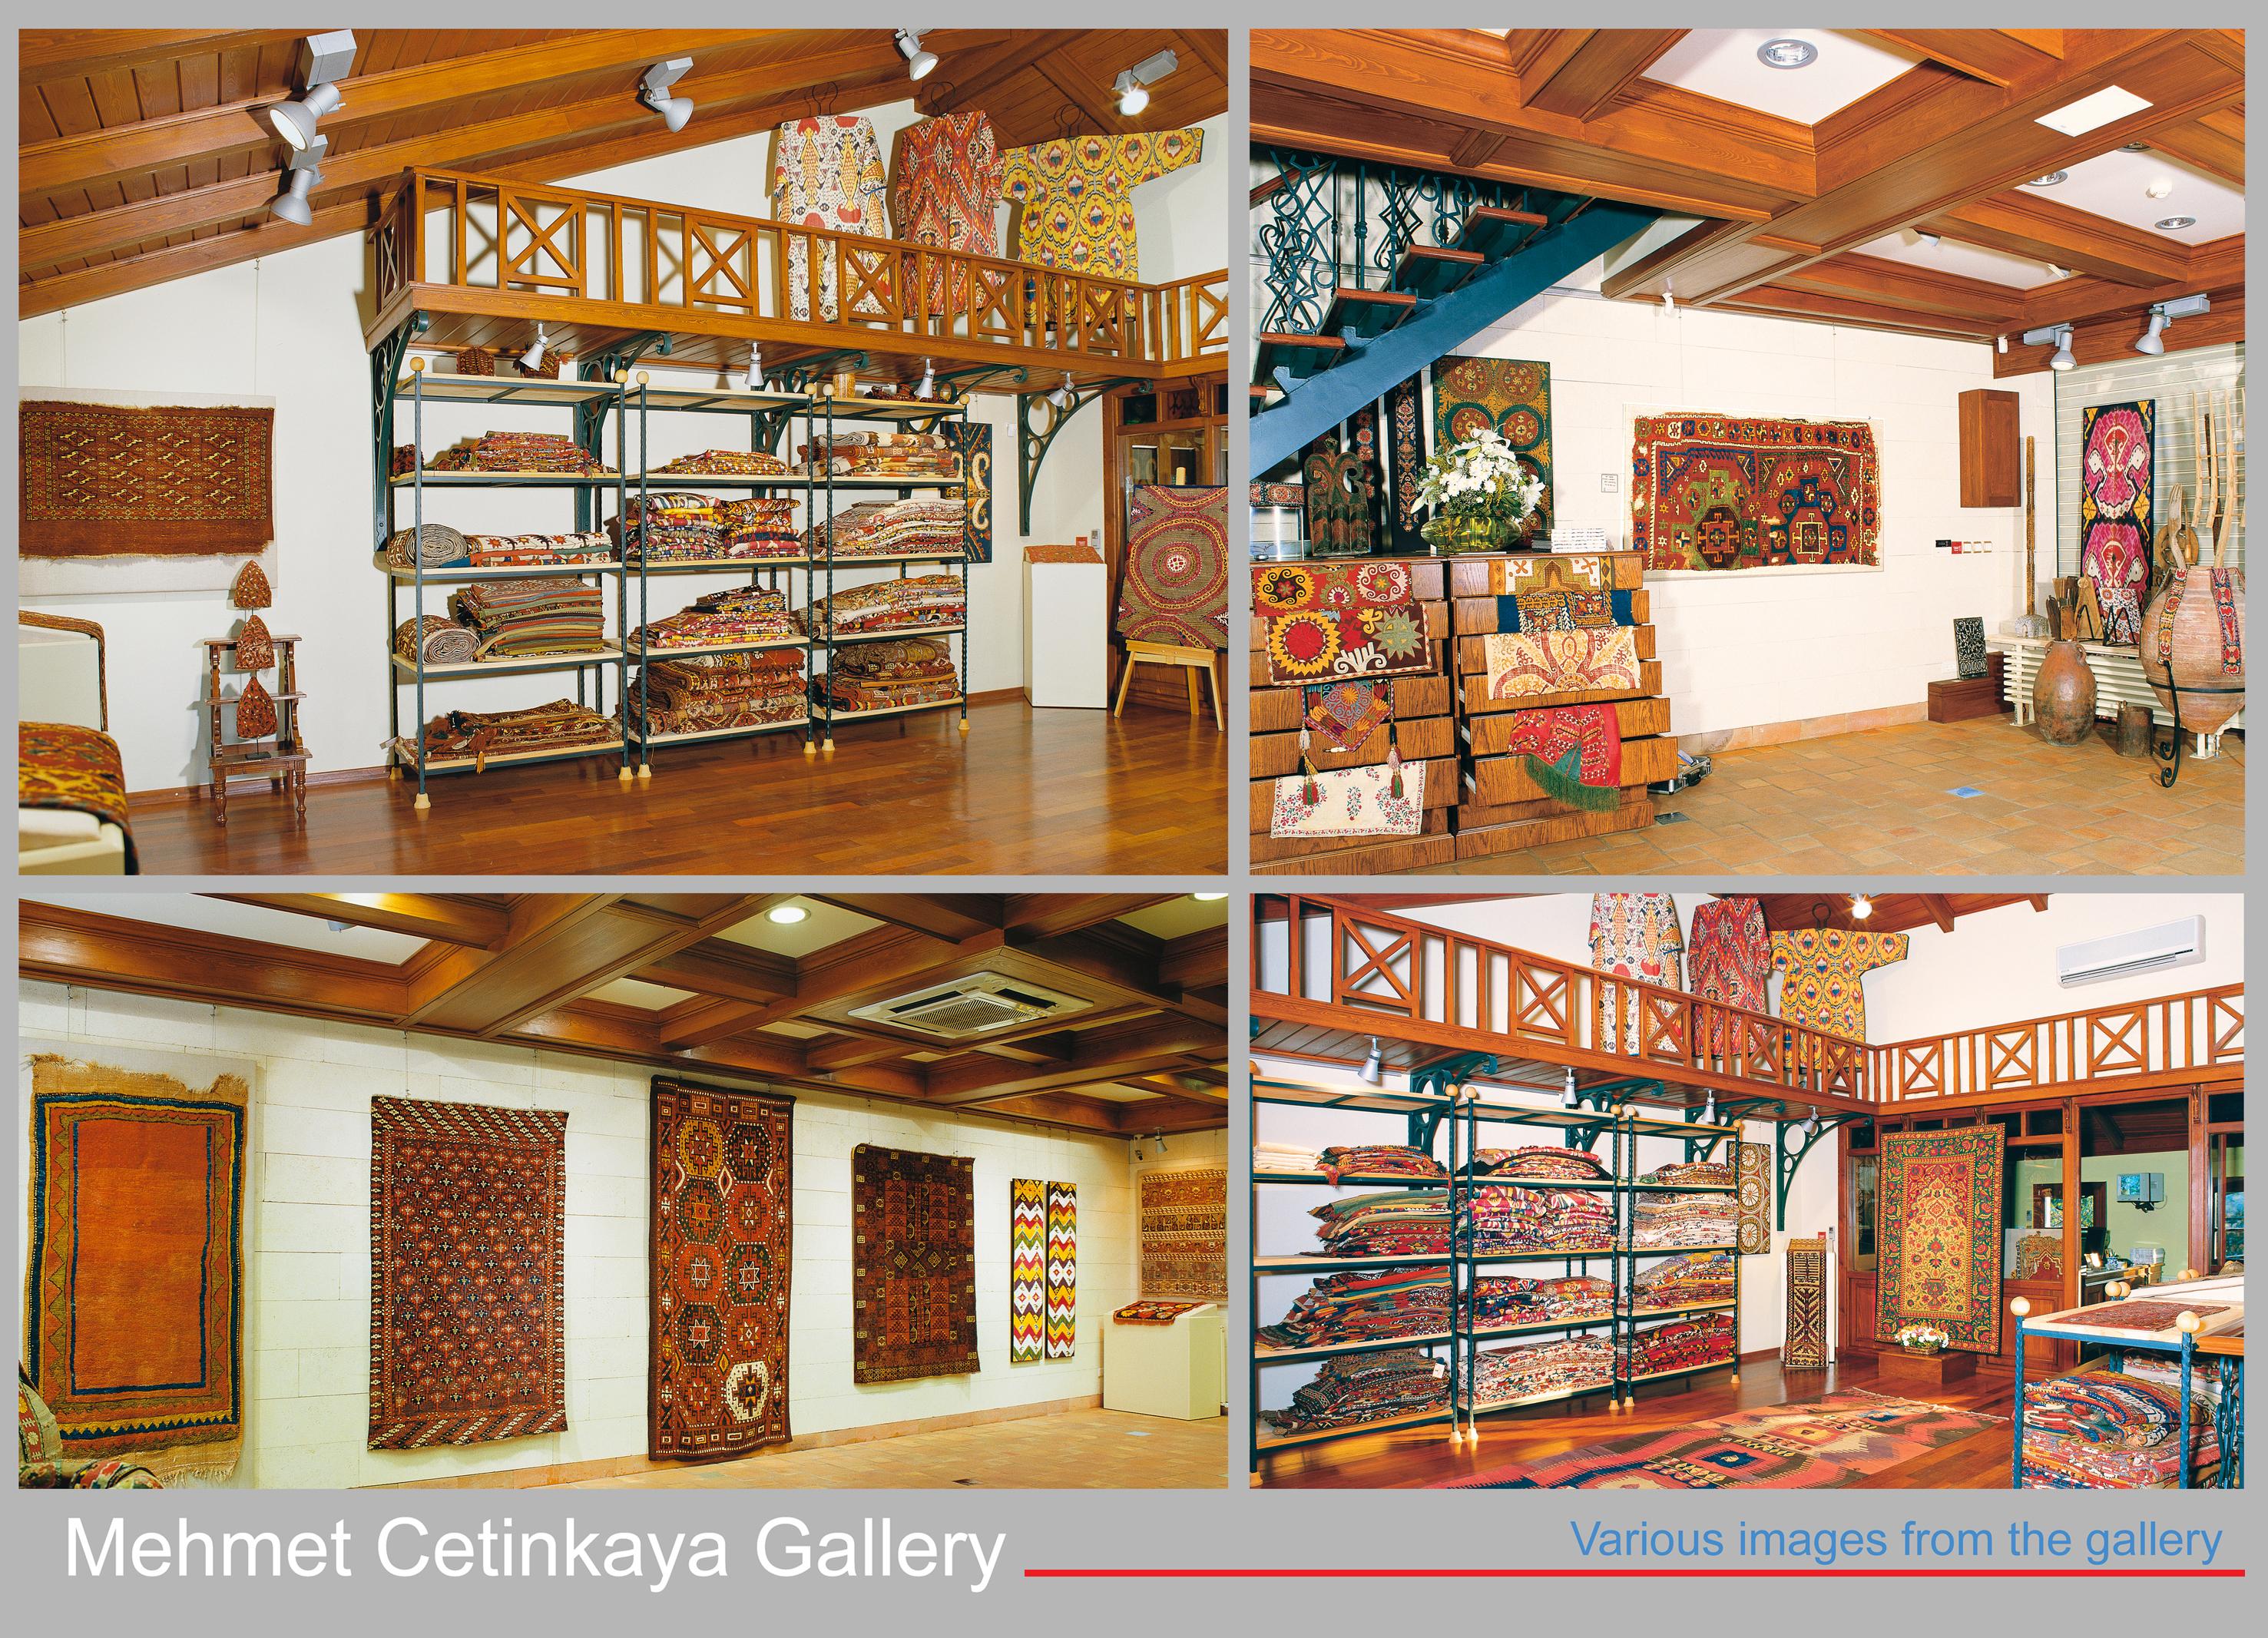 Mehmet Cetinkaya Gallery